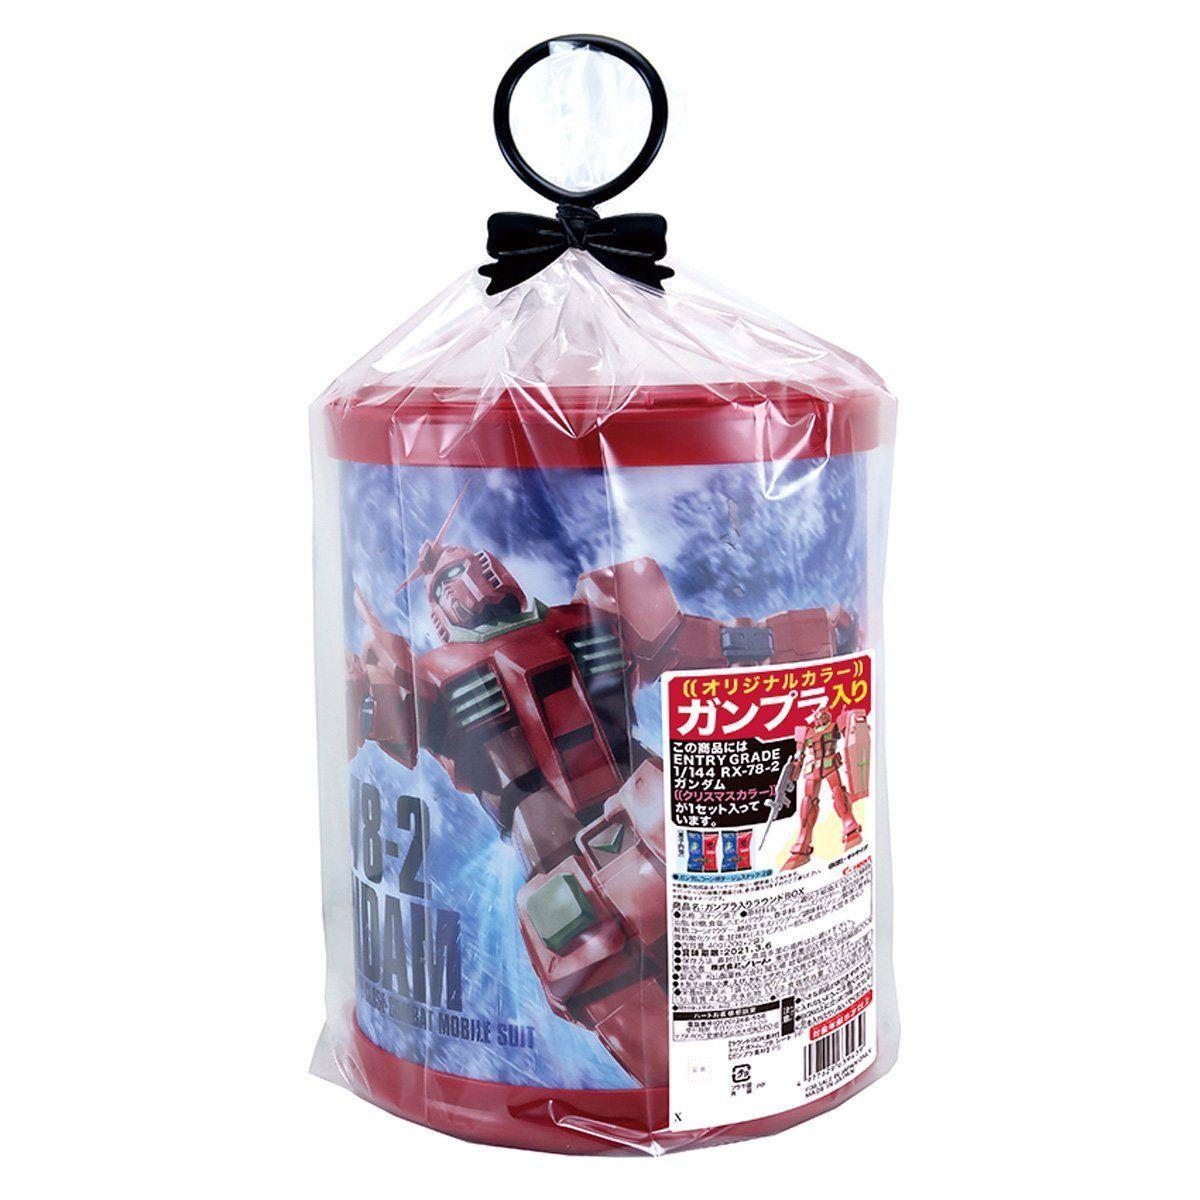 【限定販売】【食玩】EGガンダム『ガンプラ入りラウンドBOX』ENTRY GRADE 1/144 RX-78-2 ガンダム プラモデル-006